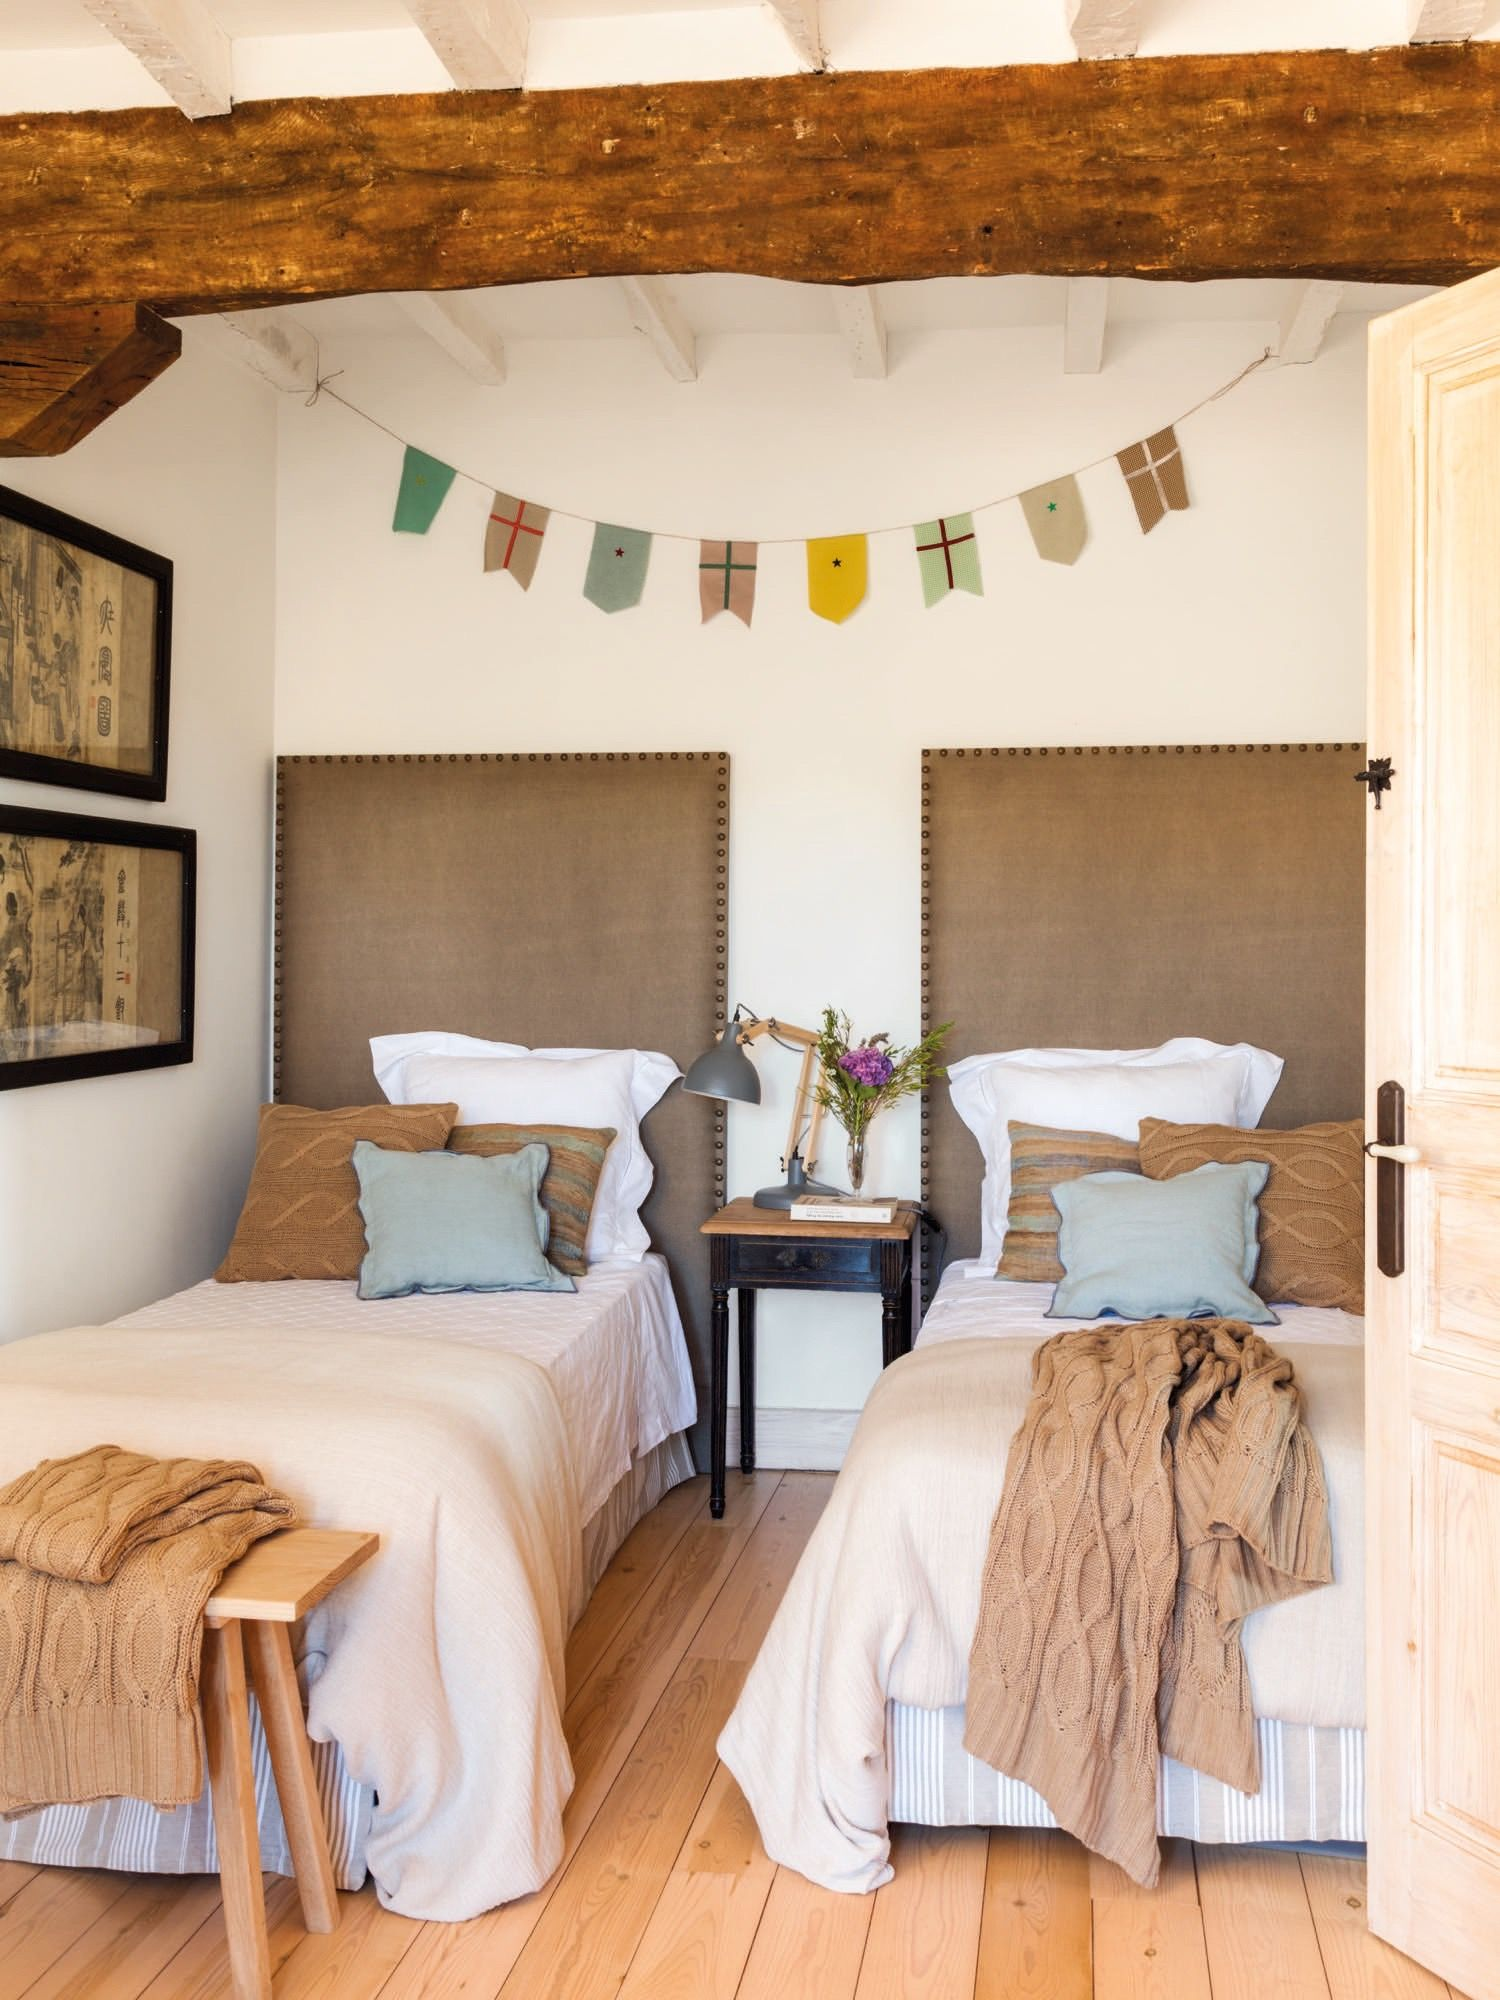 Dormitorio juvenil en una casa rustica con cabeceros - Casas rusticas decoracion ...